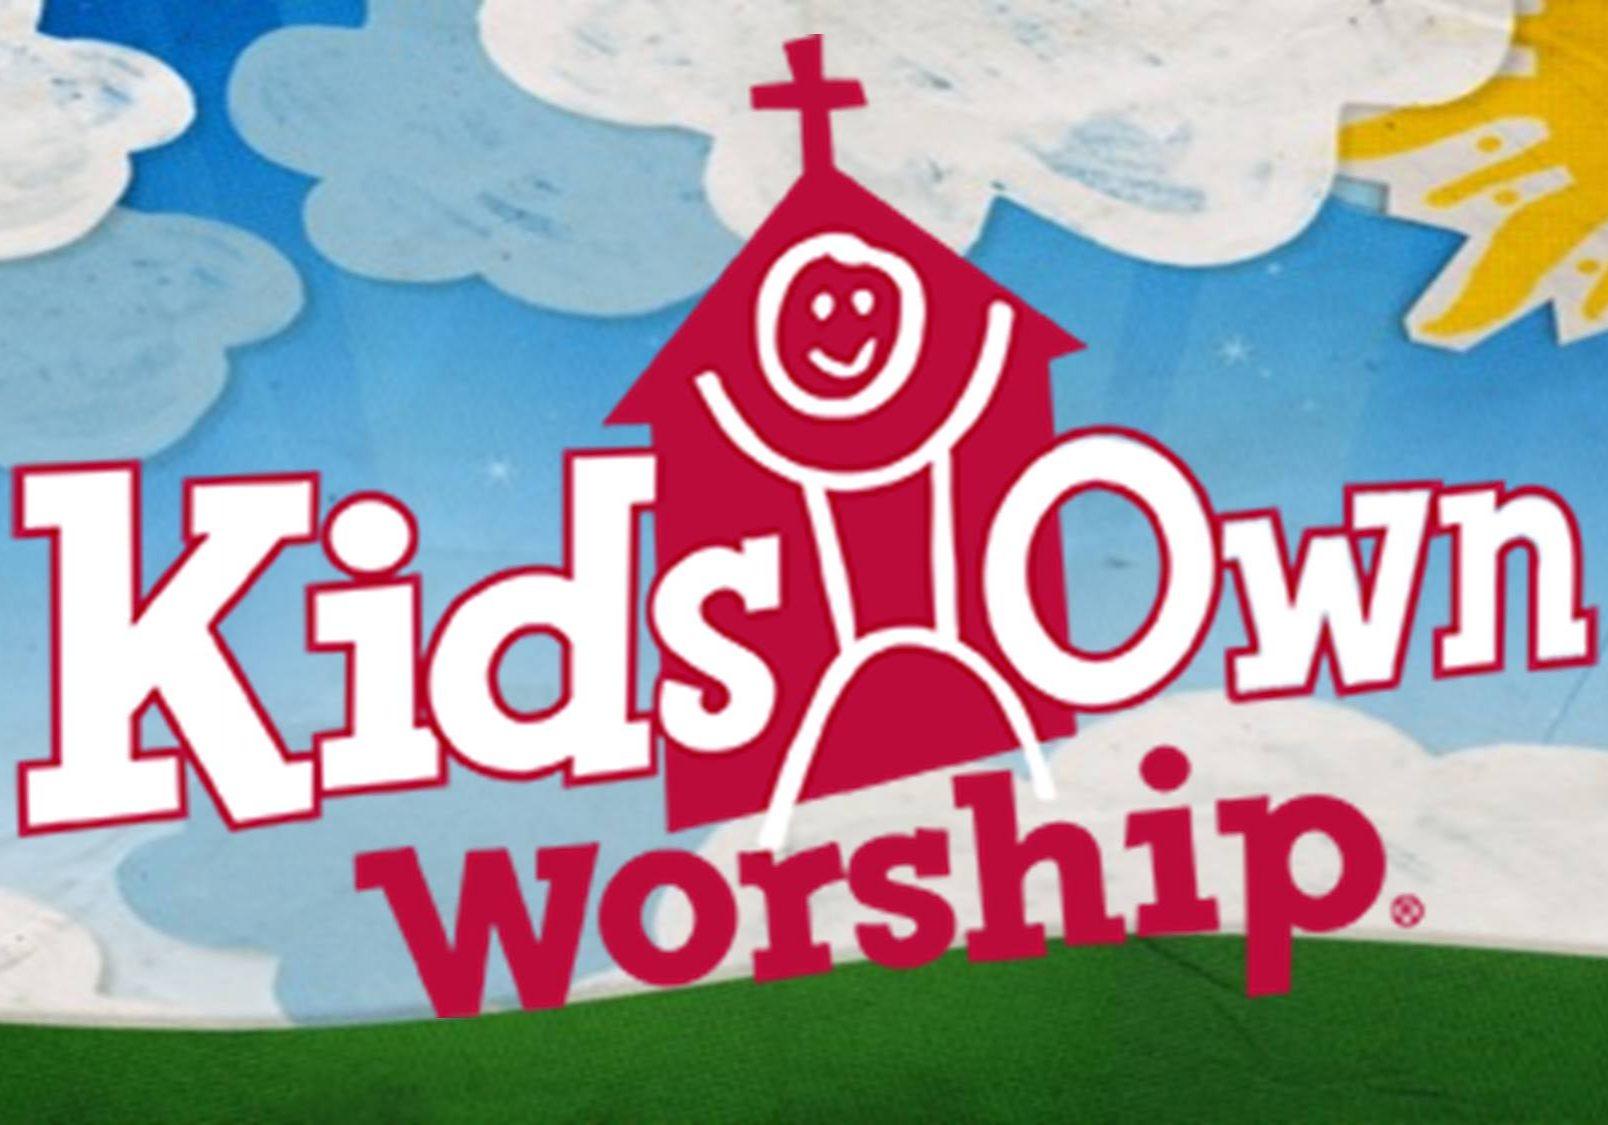 KidsOW